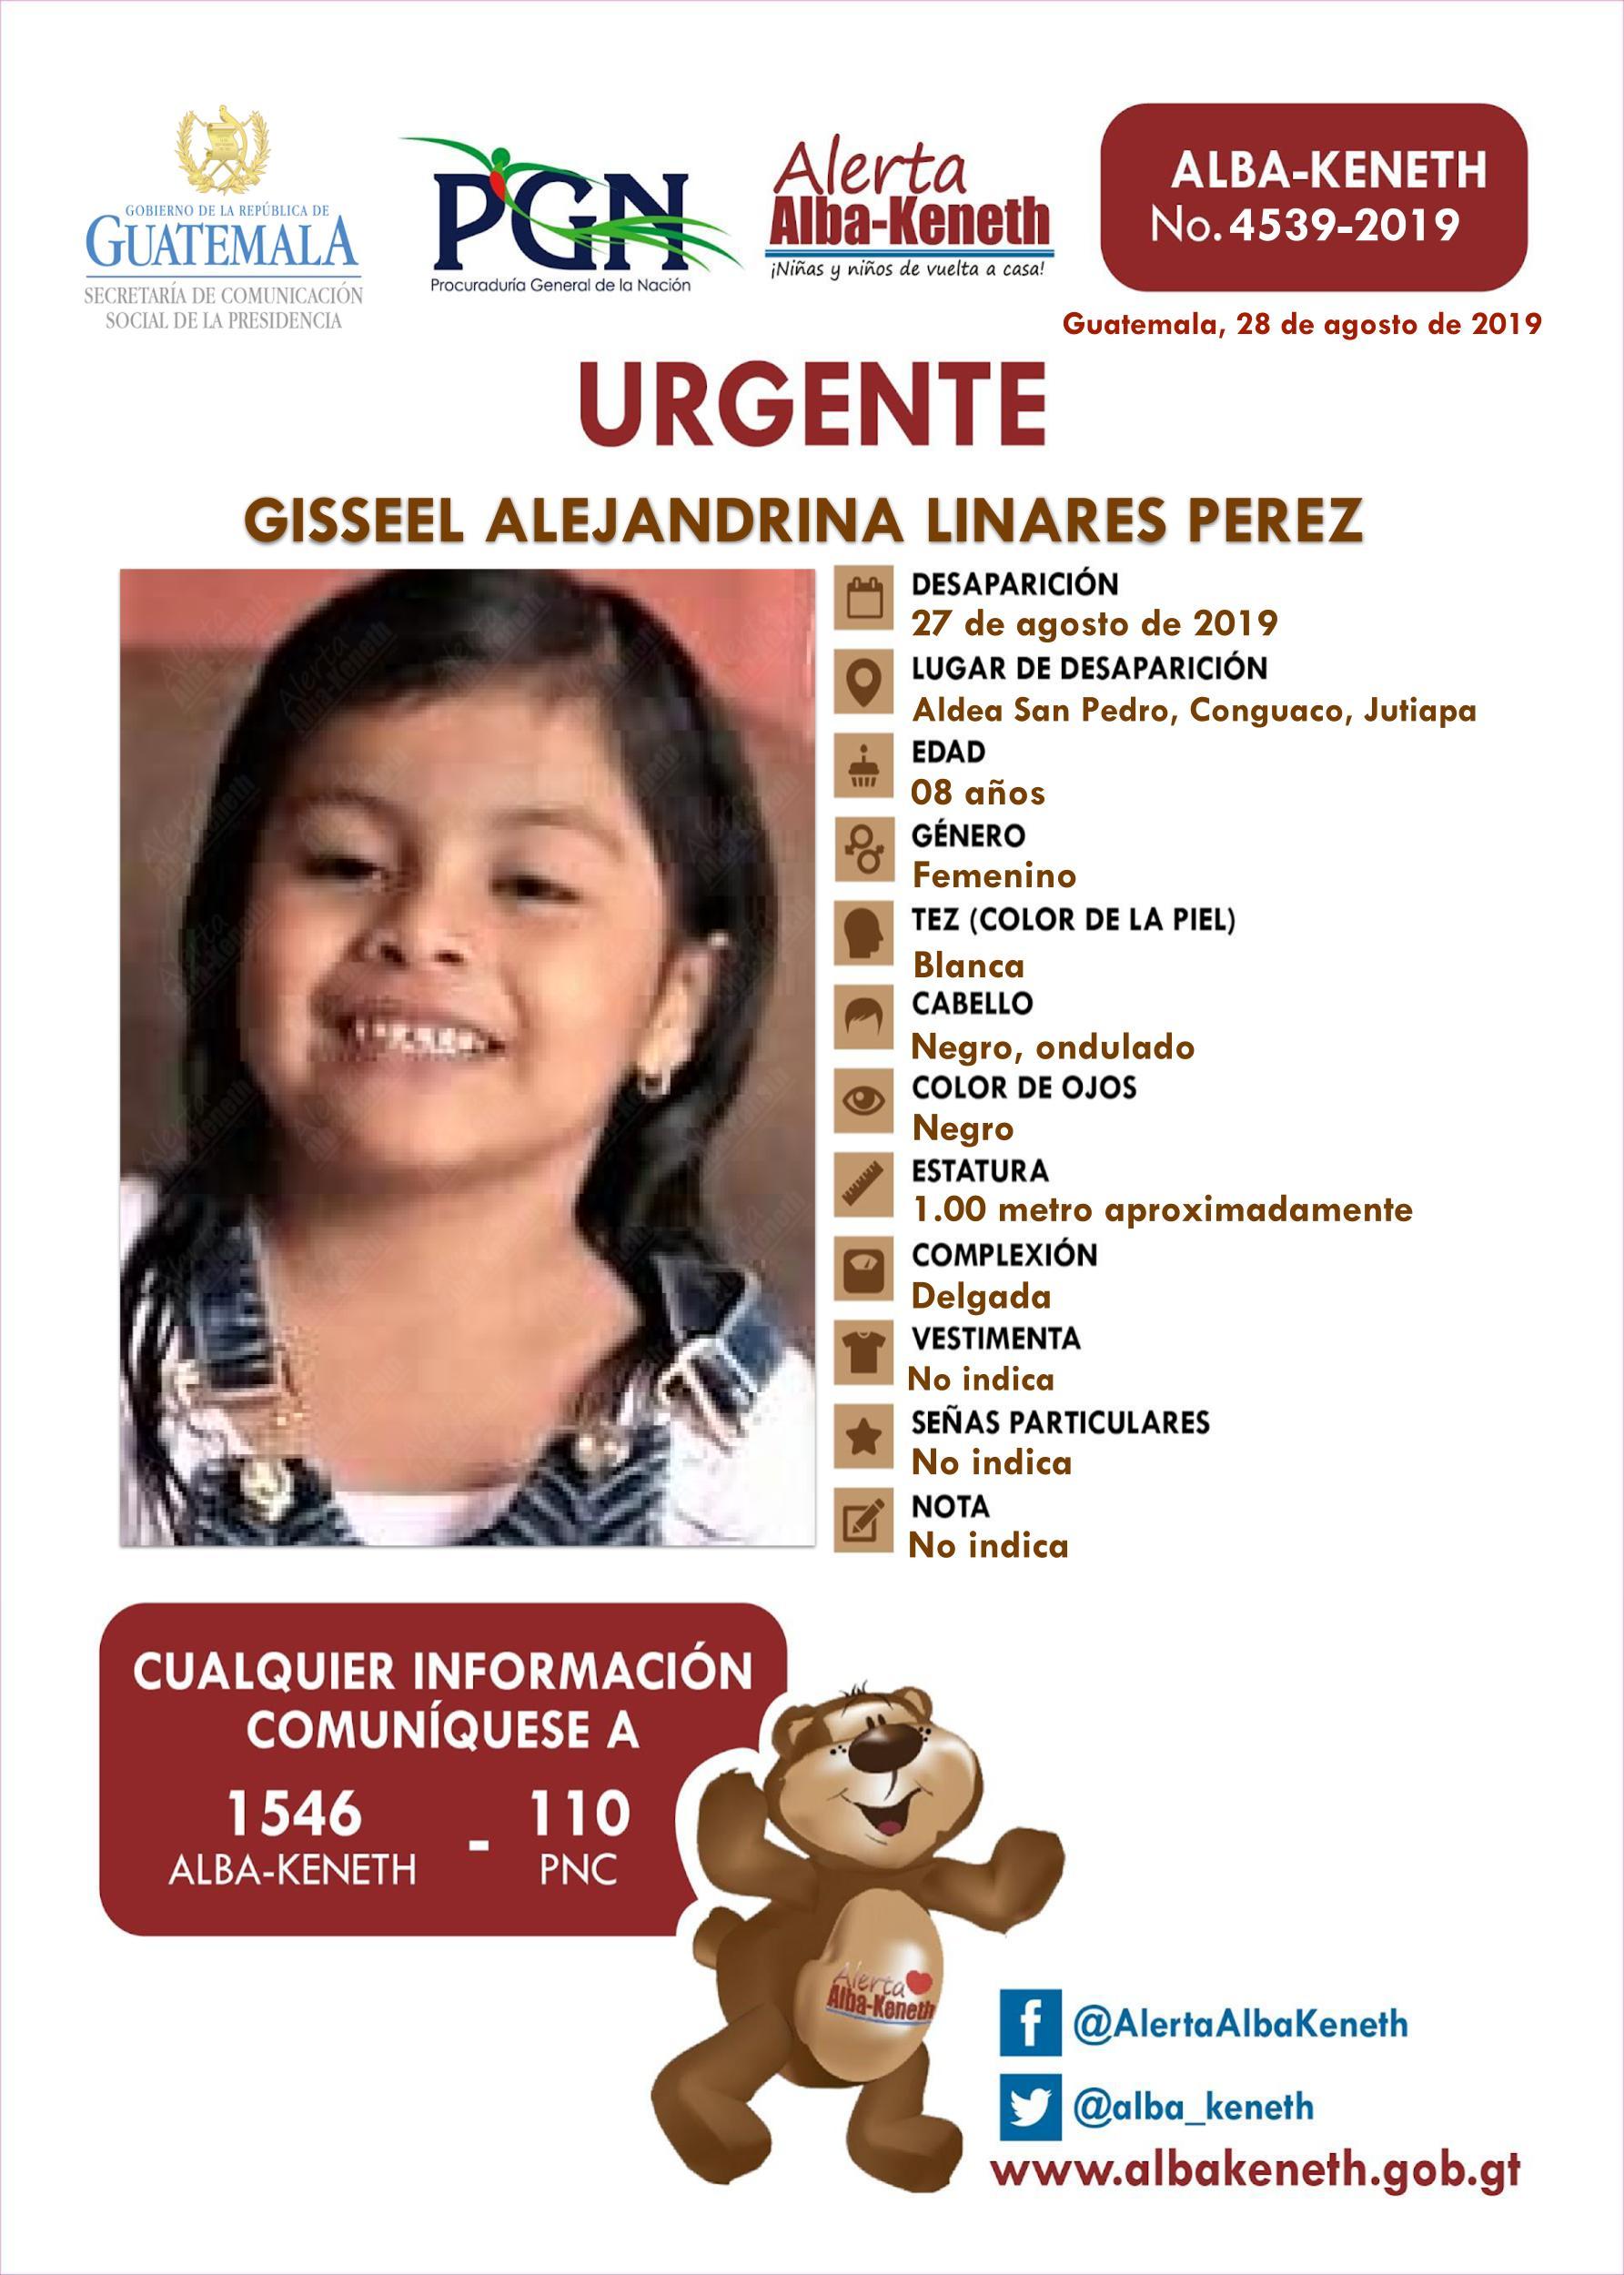 Giseel Alejandrina Linares Perez